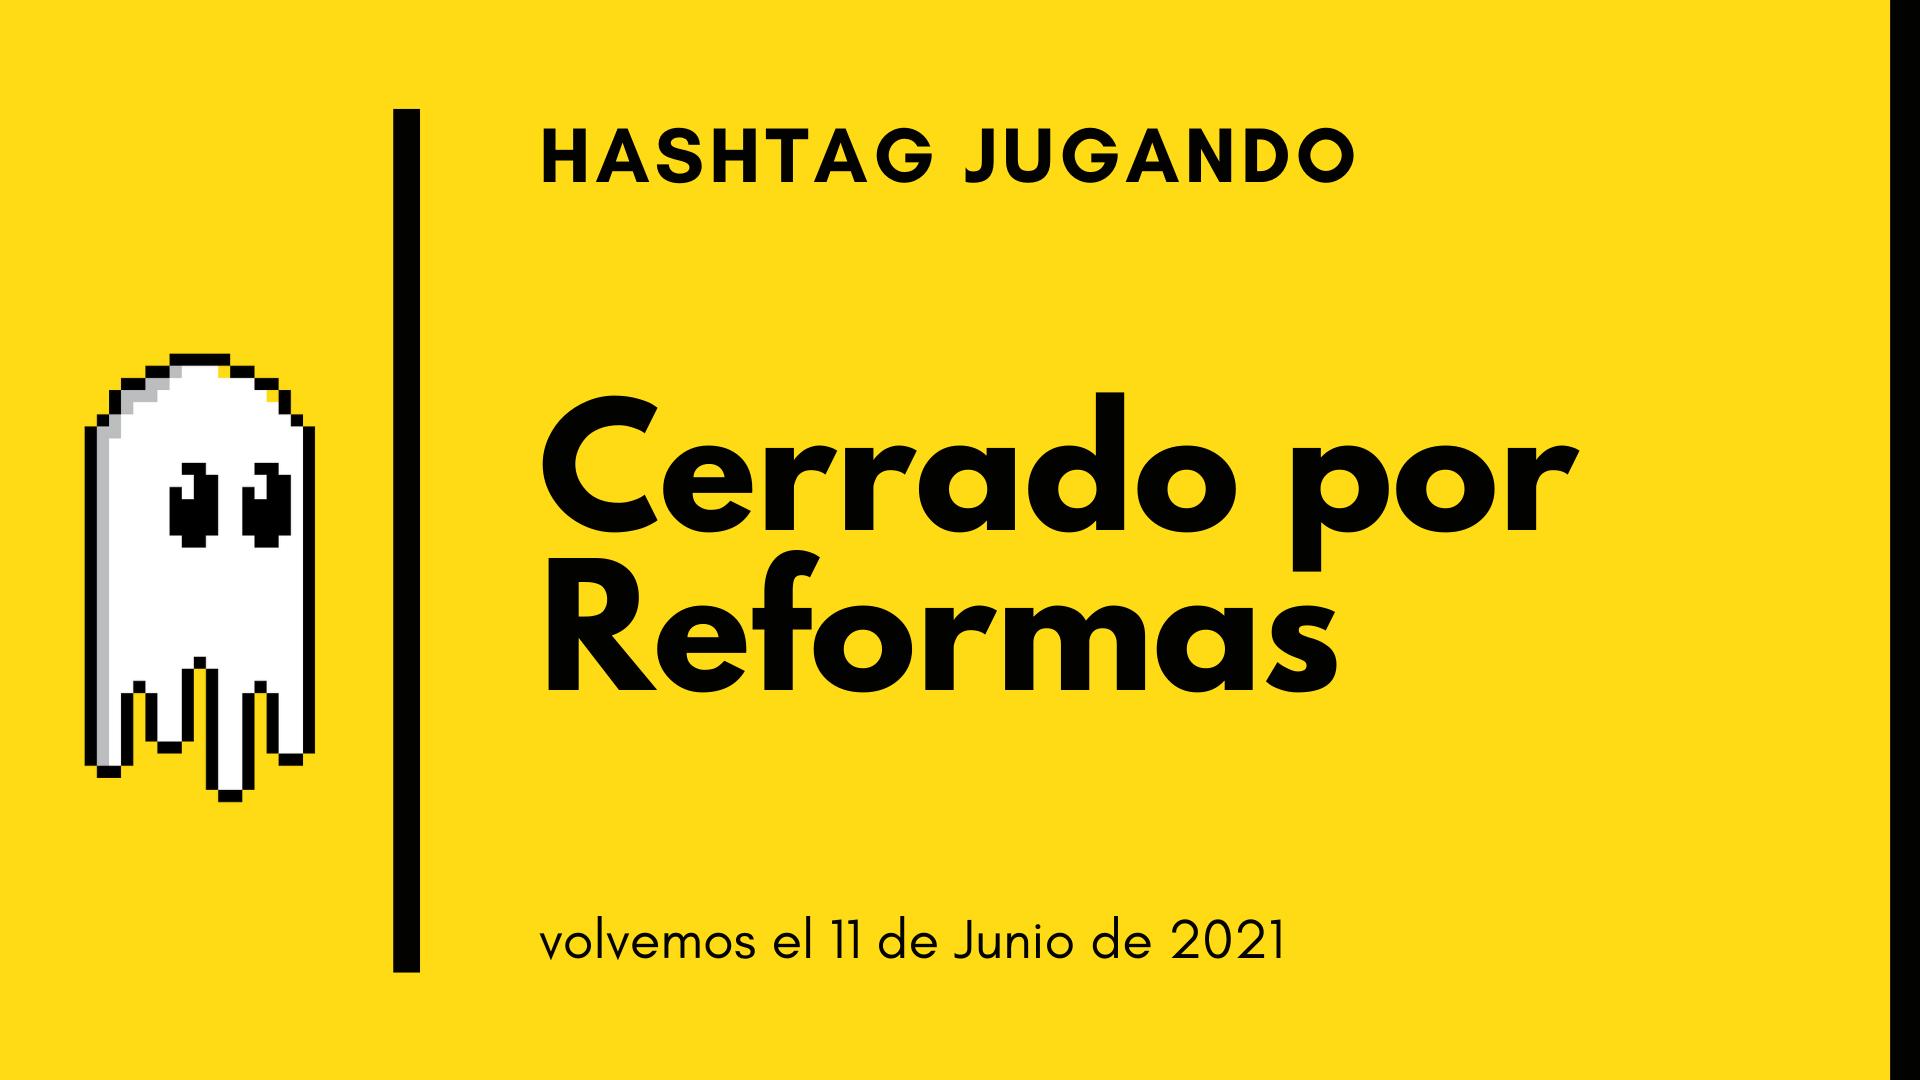 Cerrado por Reformas